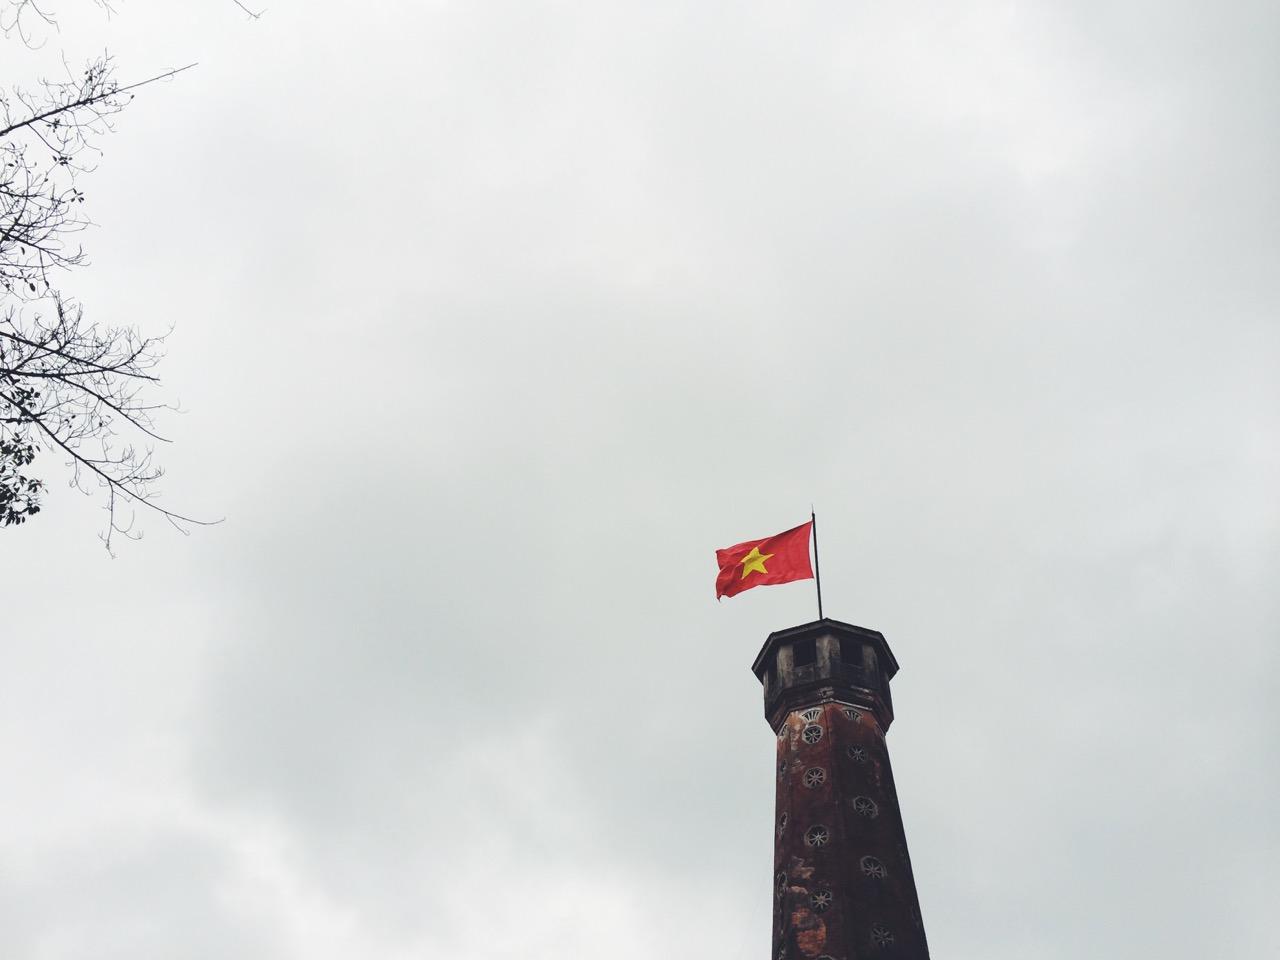 Путешествие по Вьетнаму, Ханой: Башня Ханоя